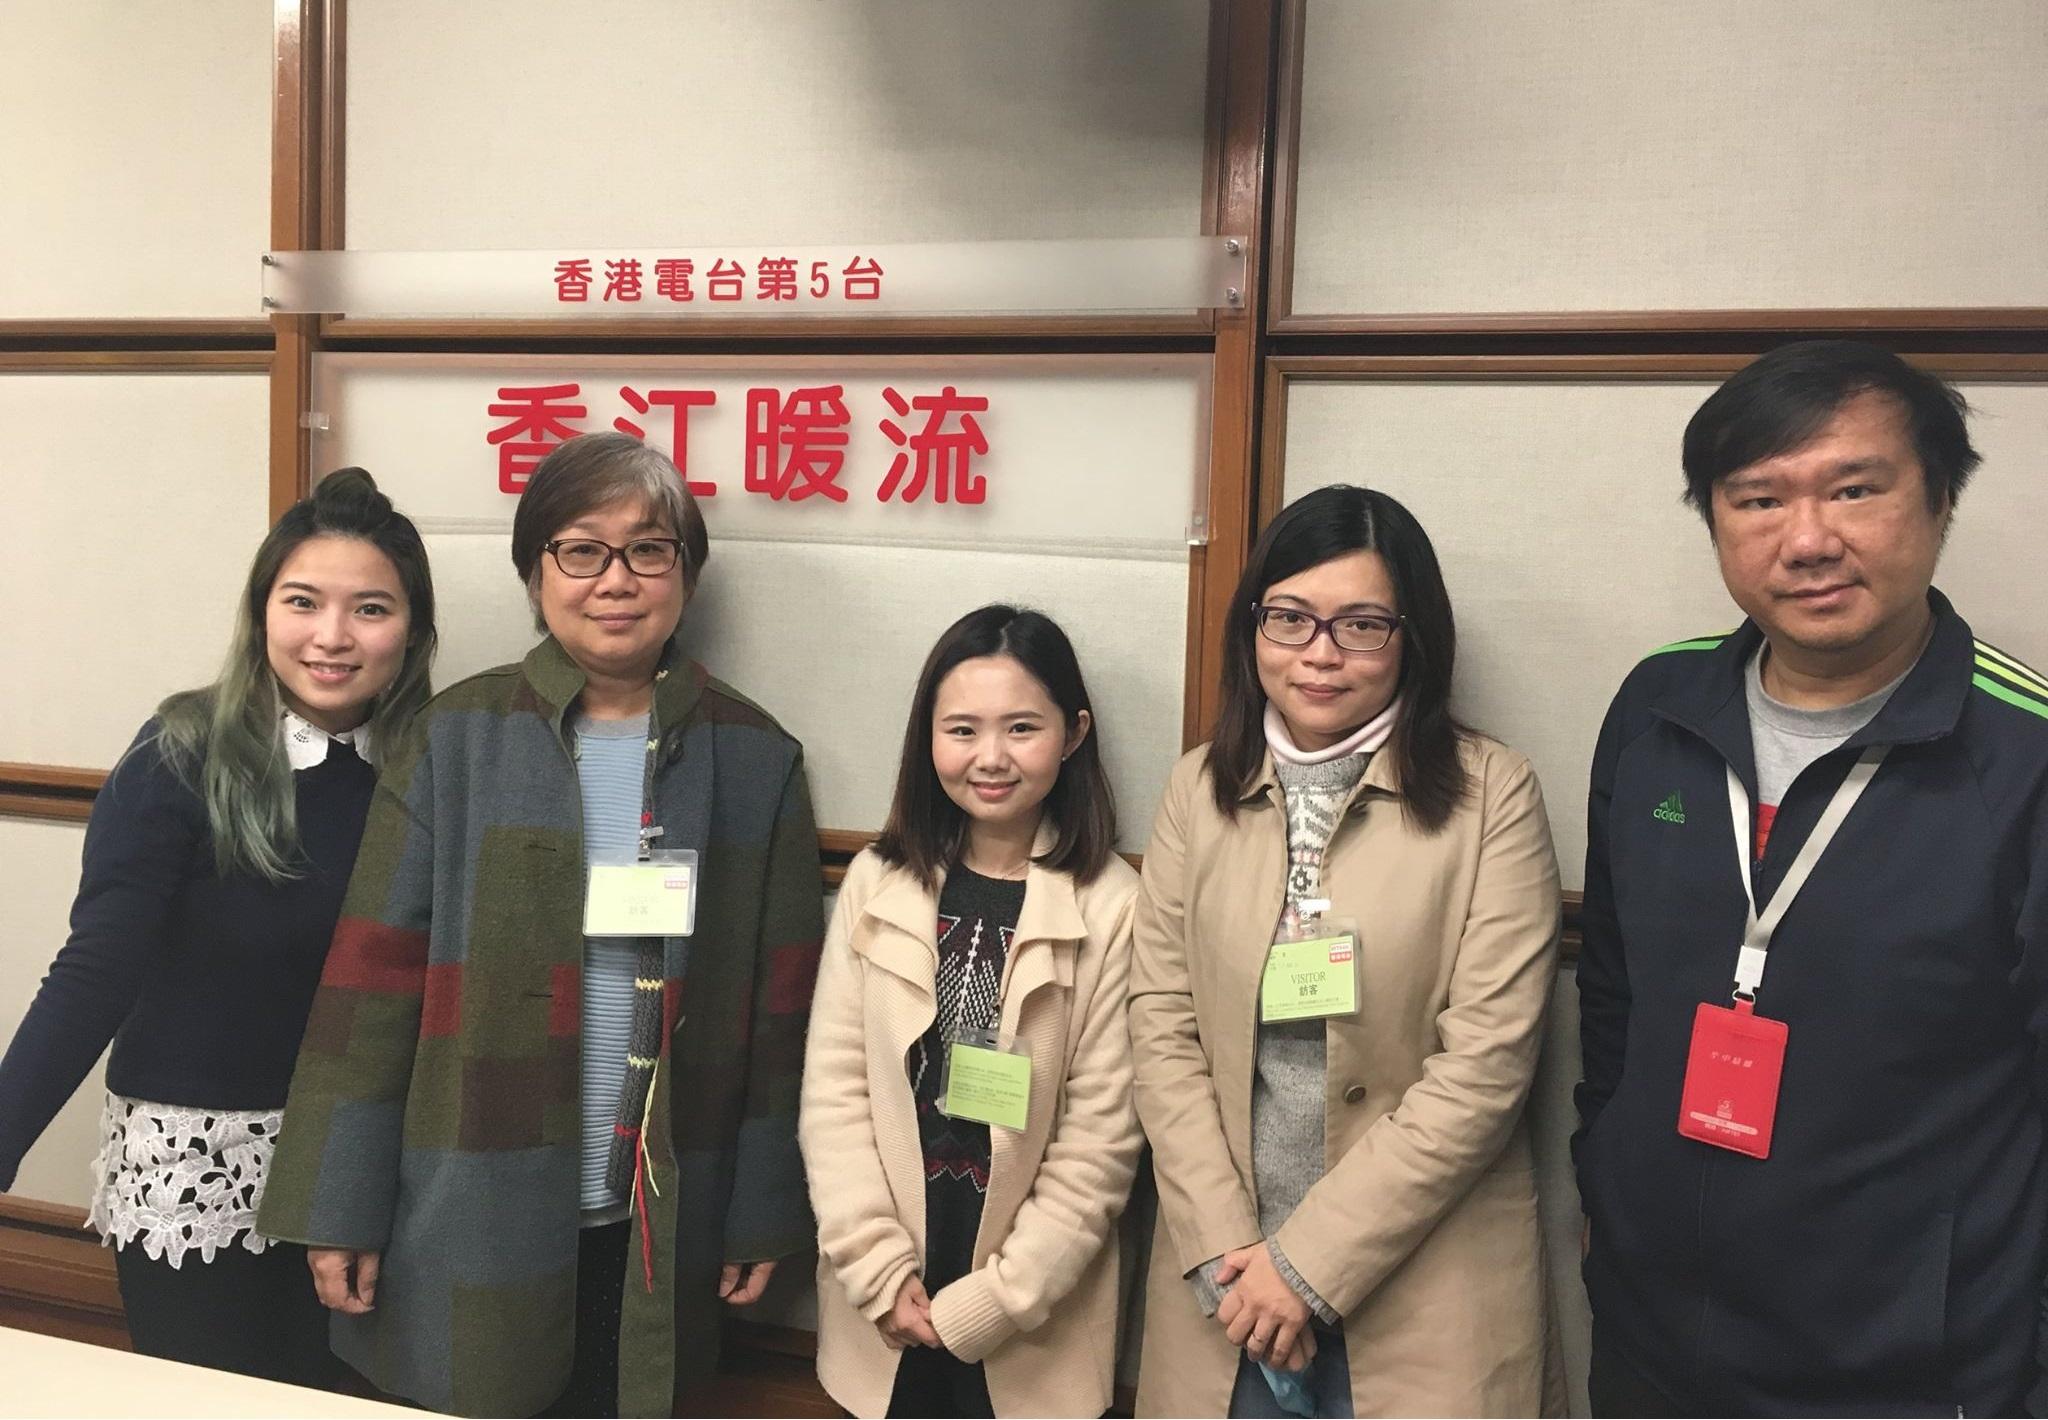 香江暖流「義不容辭」 – 生命彩虹大使 (香港電台)